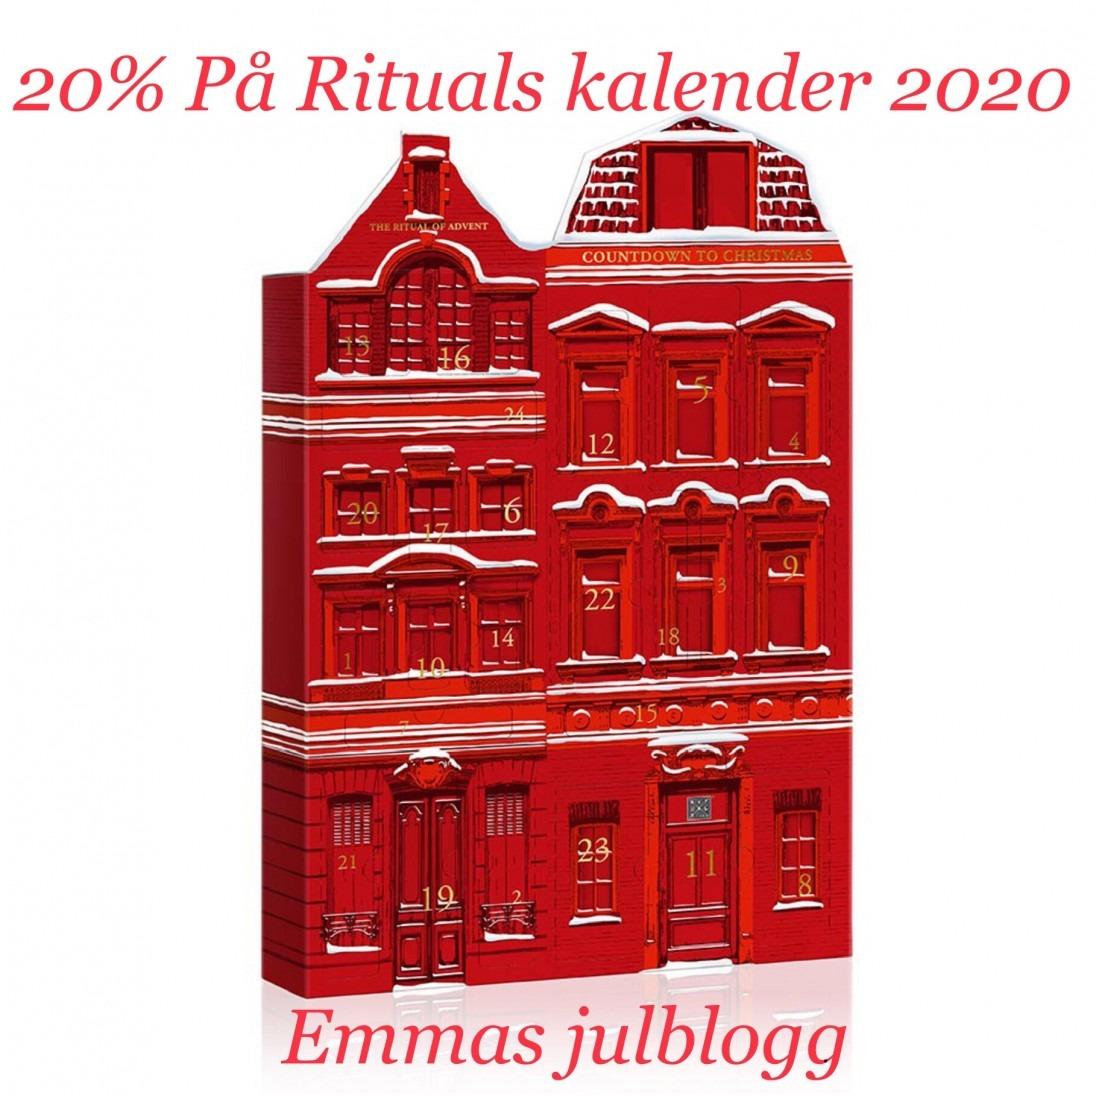 Rea på rituals adventskalender 2020